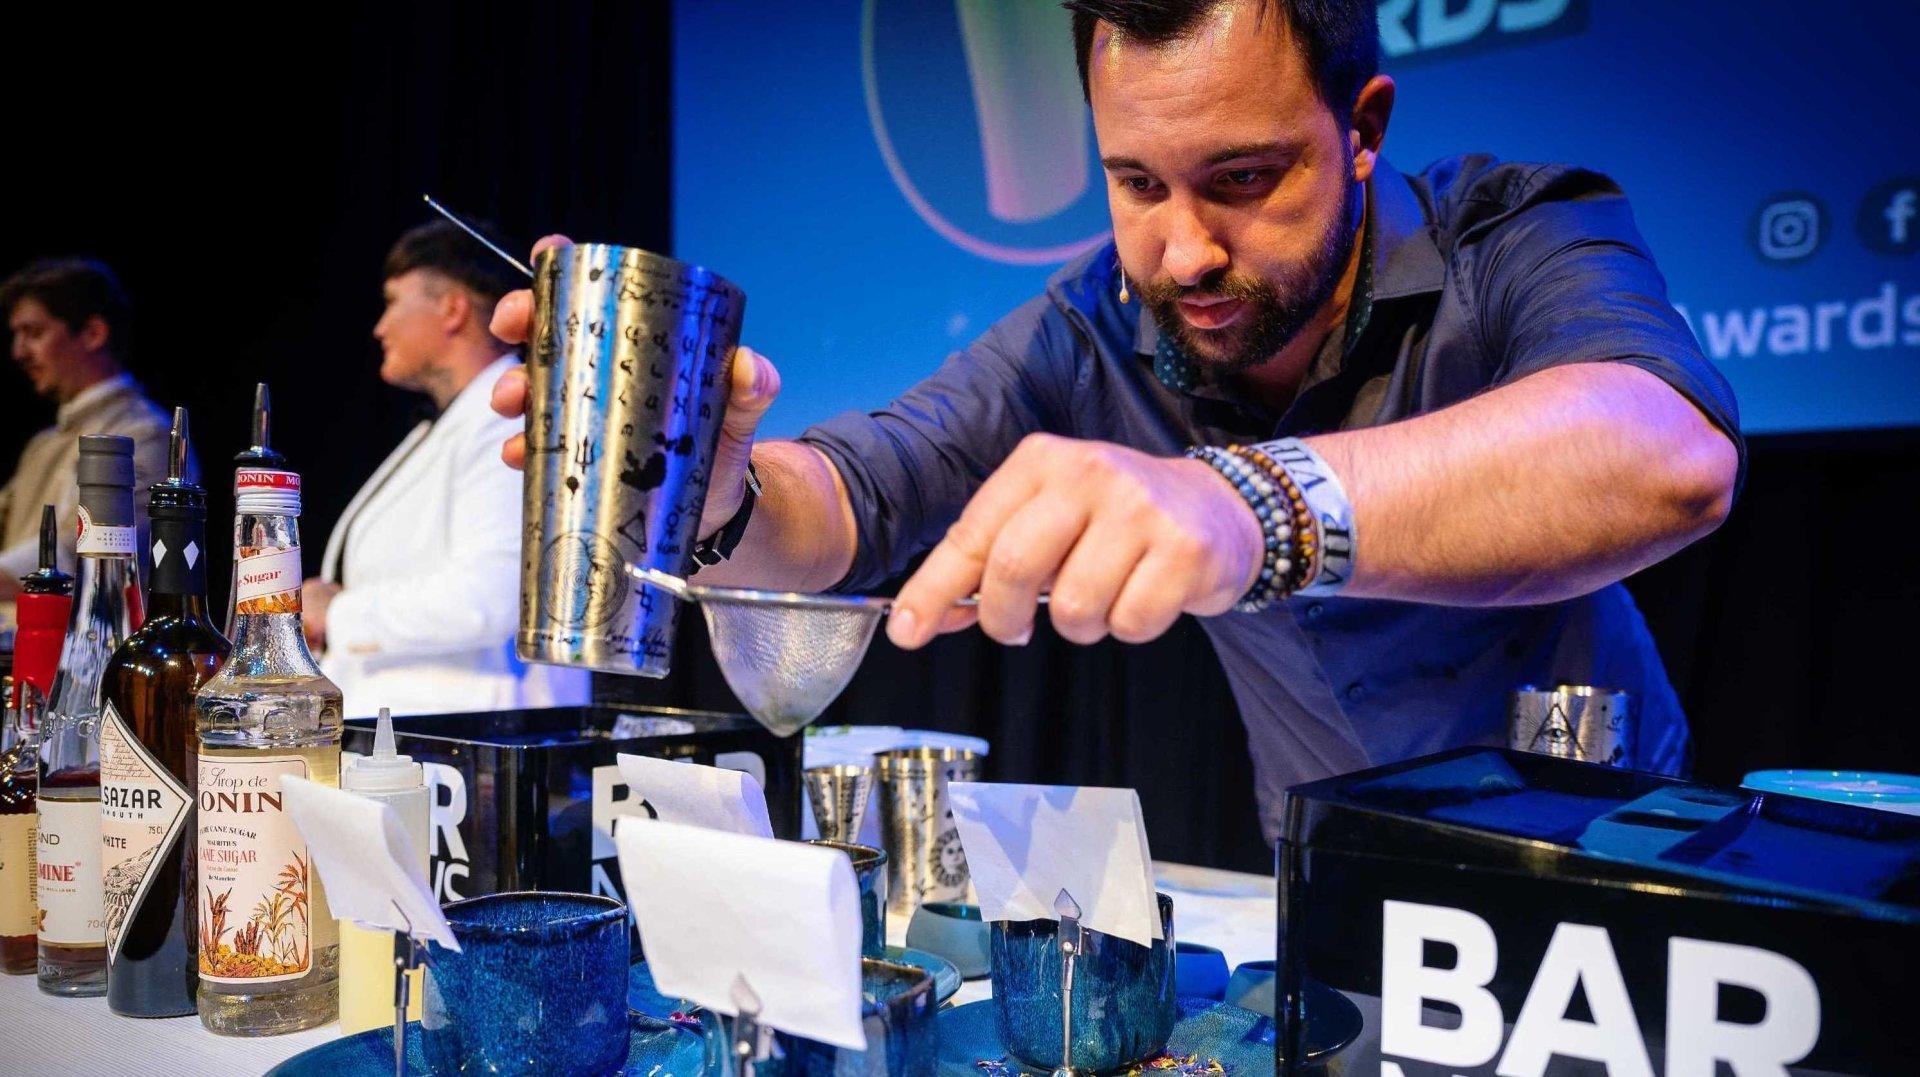 Le Fribourgeois Victor Topart sacré meilleur barman de Suisse 2021 grâce à un cocktail concocté à partir de la Williamine Morand.